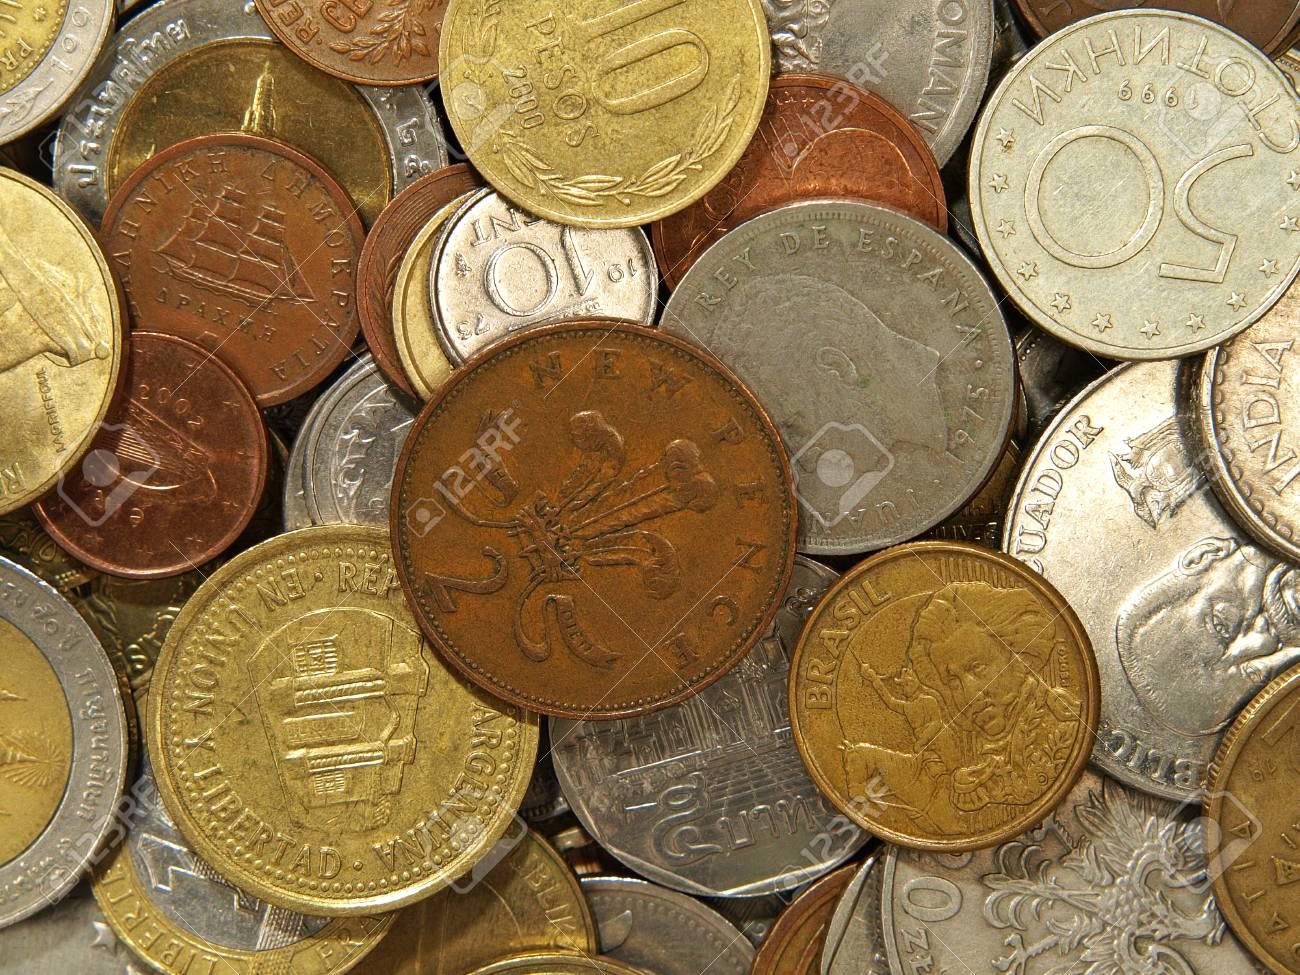 Münzen Verschiedener Länder Getroffen Nahaufnahme Als Hintergrund